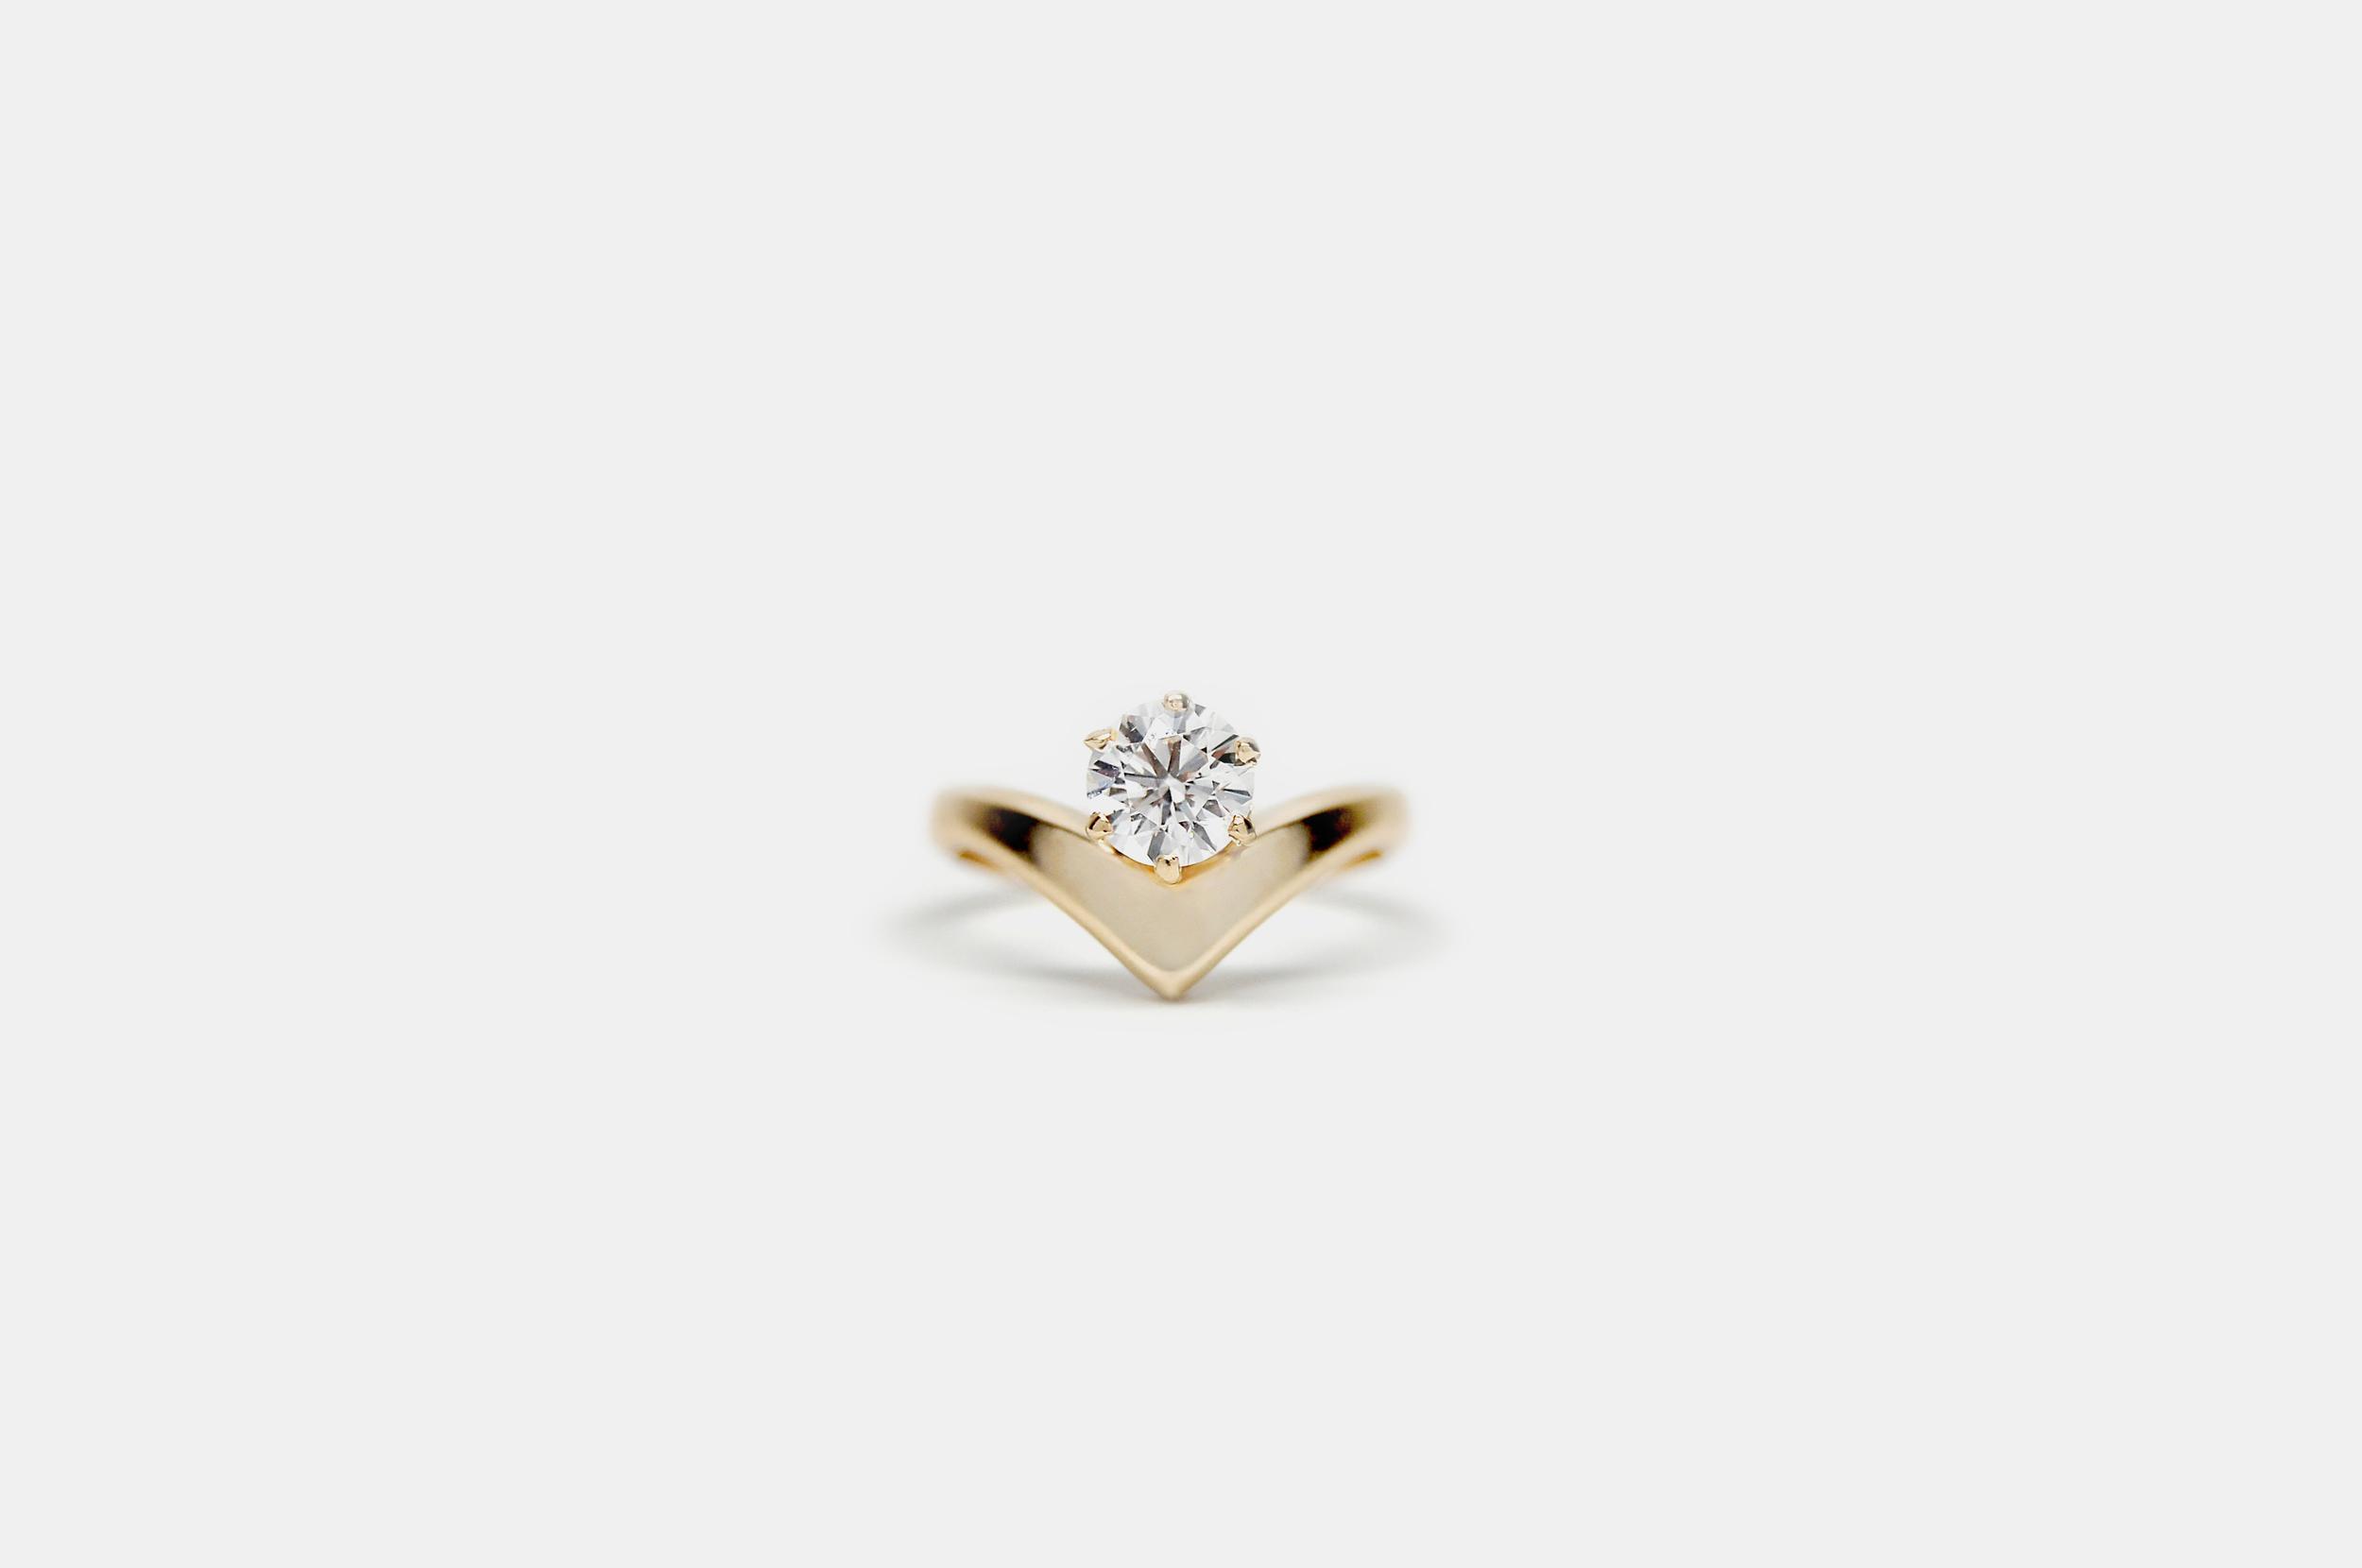 Marisa-Lomonaco-Jewelry